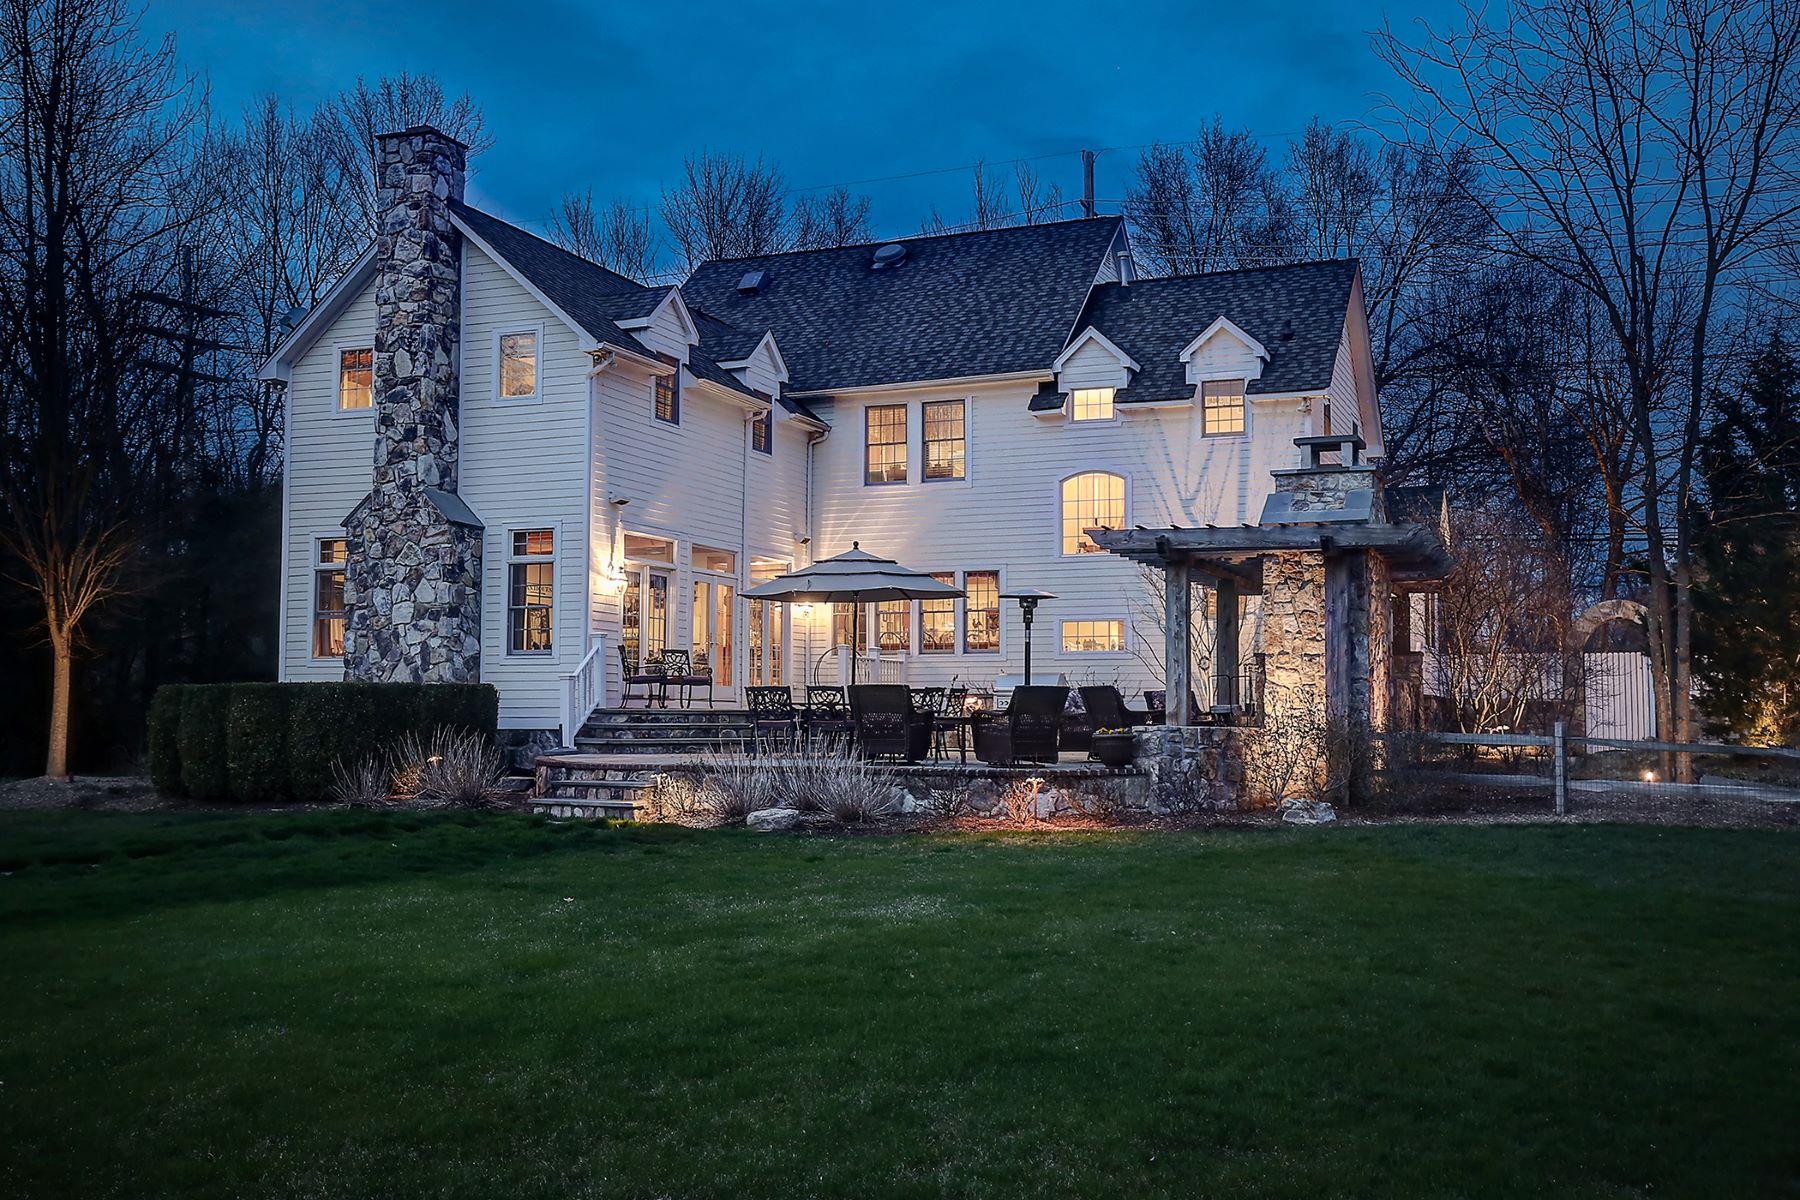 Частный односемейный дом для того Продажа на Custom Farmhouse 16 Troy Road Whippany, Нью-Джерси 07981 Соединенные Штаты